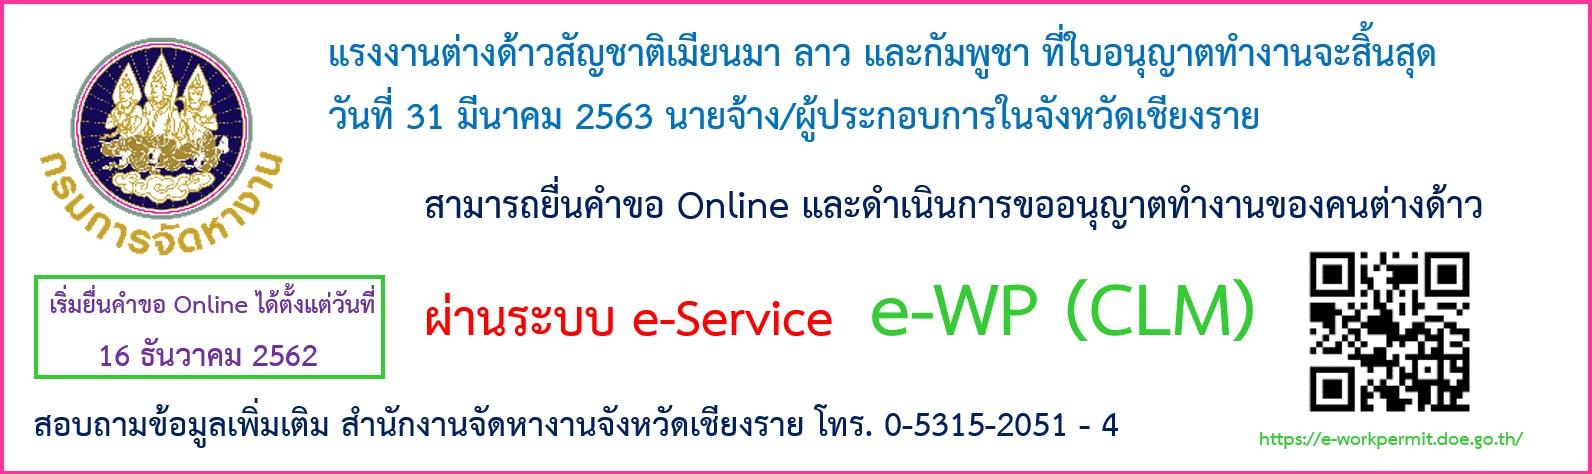 e-WP (CLM)